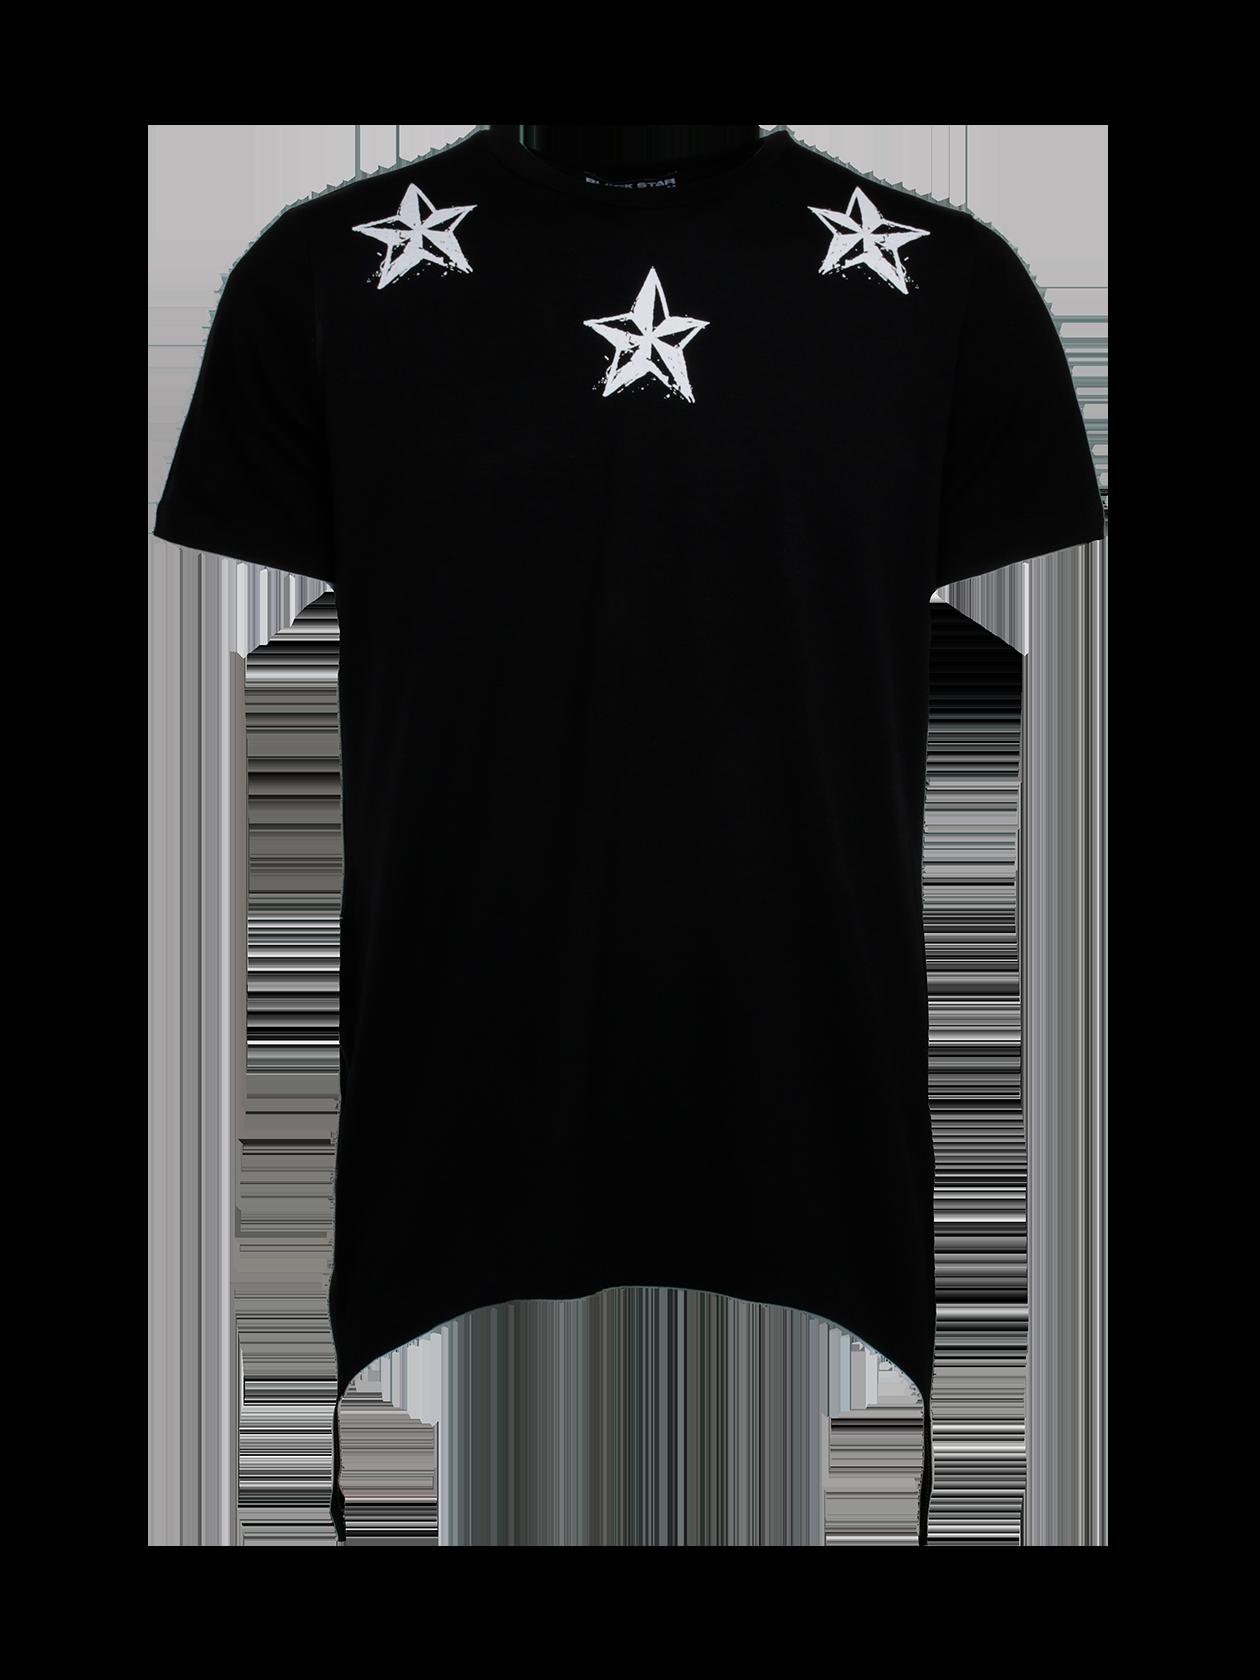 Футболка мужская REGULARМужская футболка из новой коллекции Black Star Wear. Стильная, практичная и очень качественная модель свободного кроя с коротким рукавом, а так же уникальным дизайнерским рисунком на груди в стилеBlack Star. Изделие выполнено из натурального хлопка премиального качества, что обеспечит безупречный комфорт. Низ дополняет ультрамодное дизайнерское решение в виде черных широких молний по бокам. Идеально дополнит стильный мужской образ на каждый день. Несомненно станет незаменимой и любимой вещью в гардеробе. Модель доступна в сером и белом цветах.<br><br>Размер: M<br>Цвет: Черный<br>Пол: Мужской